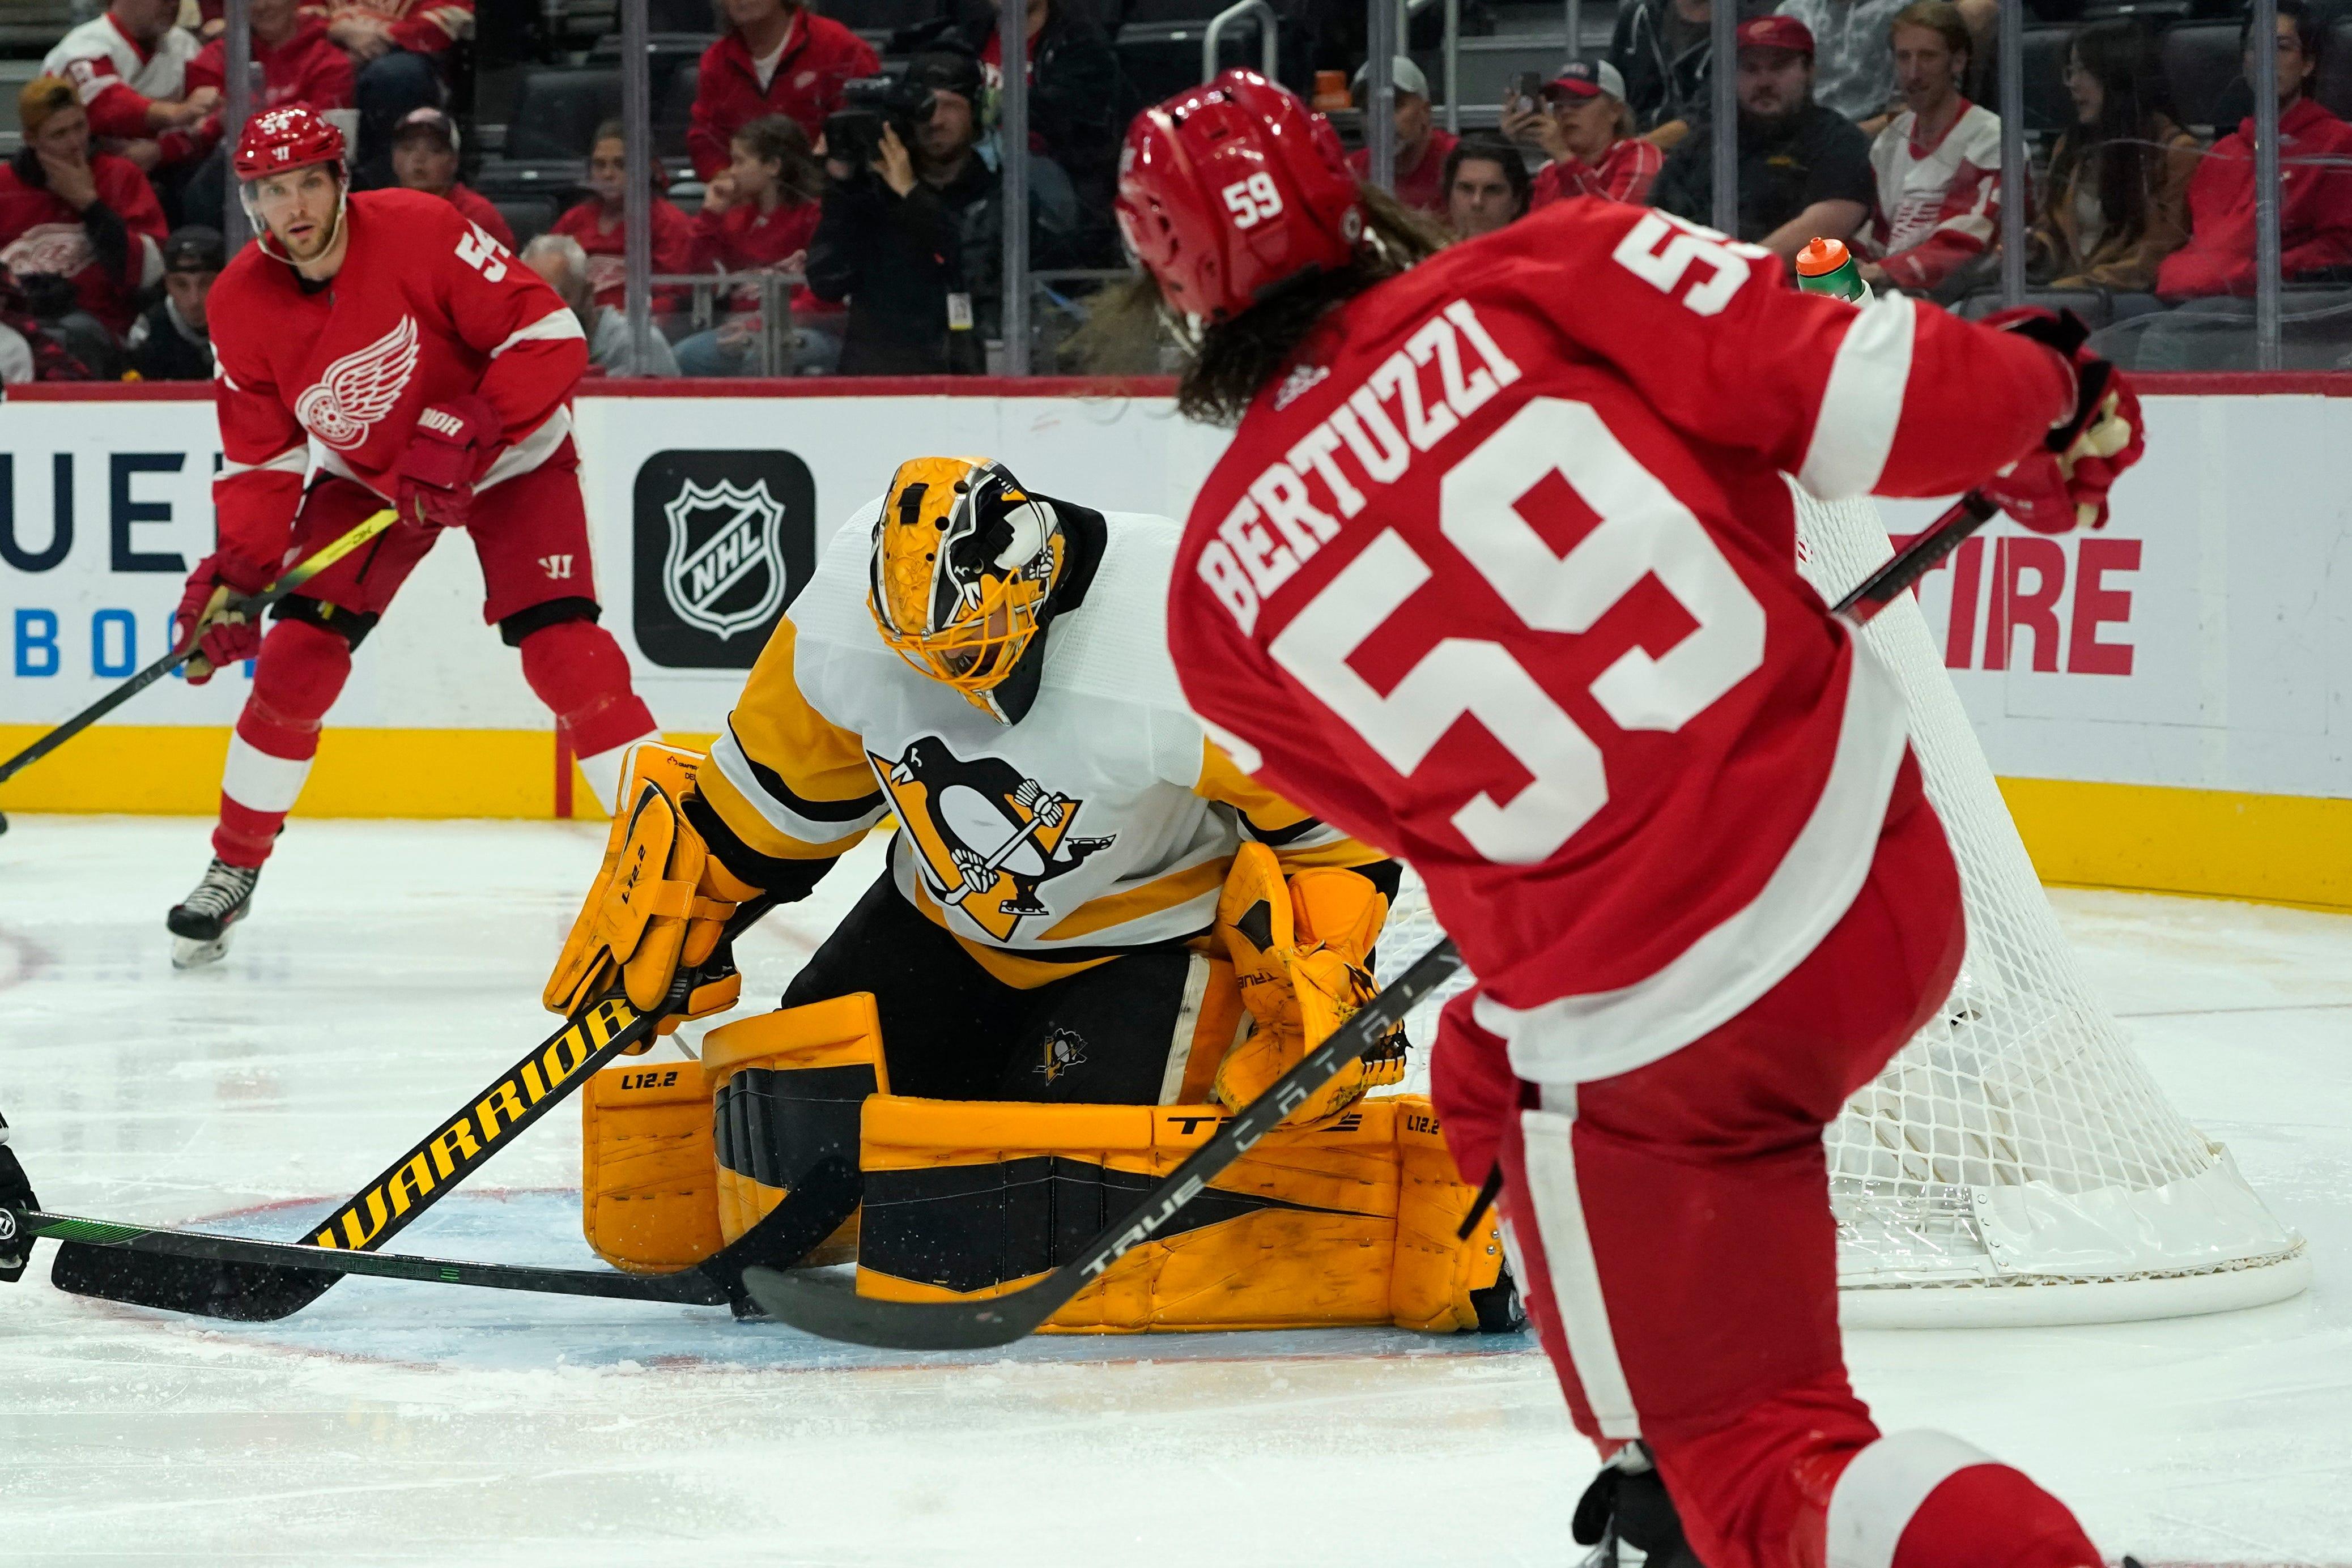 Tyler Bertuzzi scores in return, Detroit Red Wings top Penguins 4-2 in exhibition